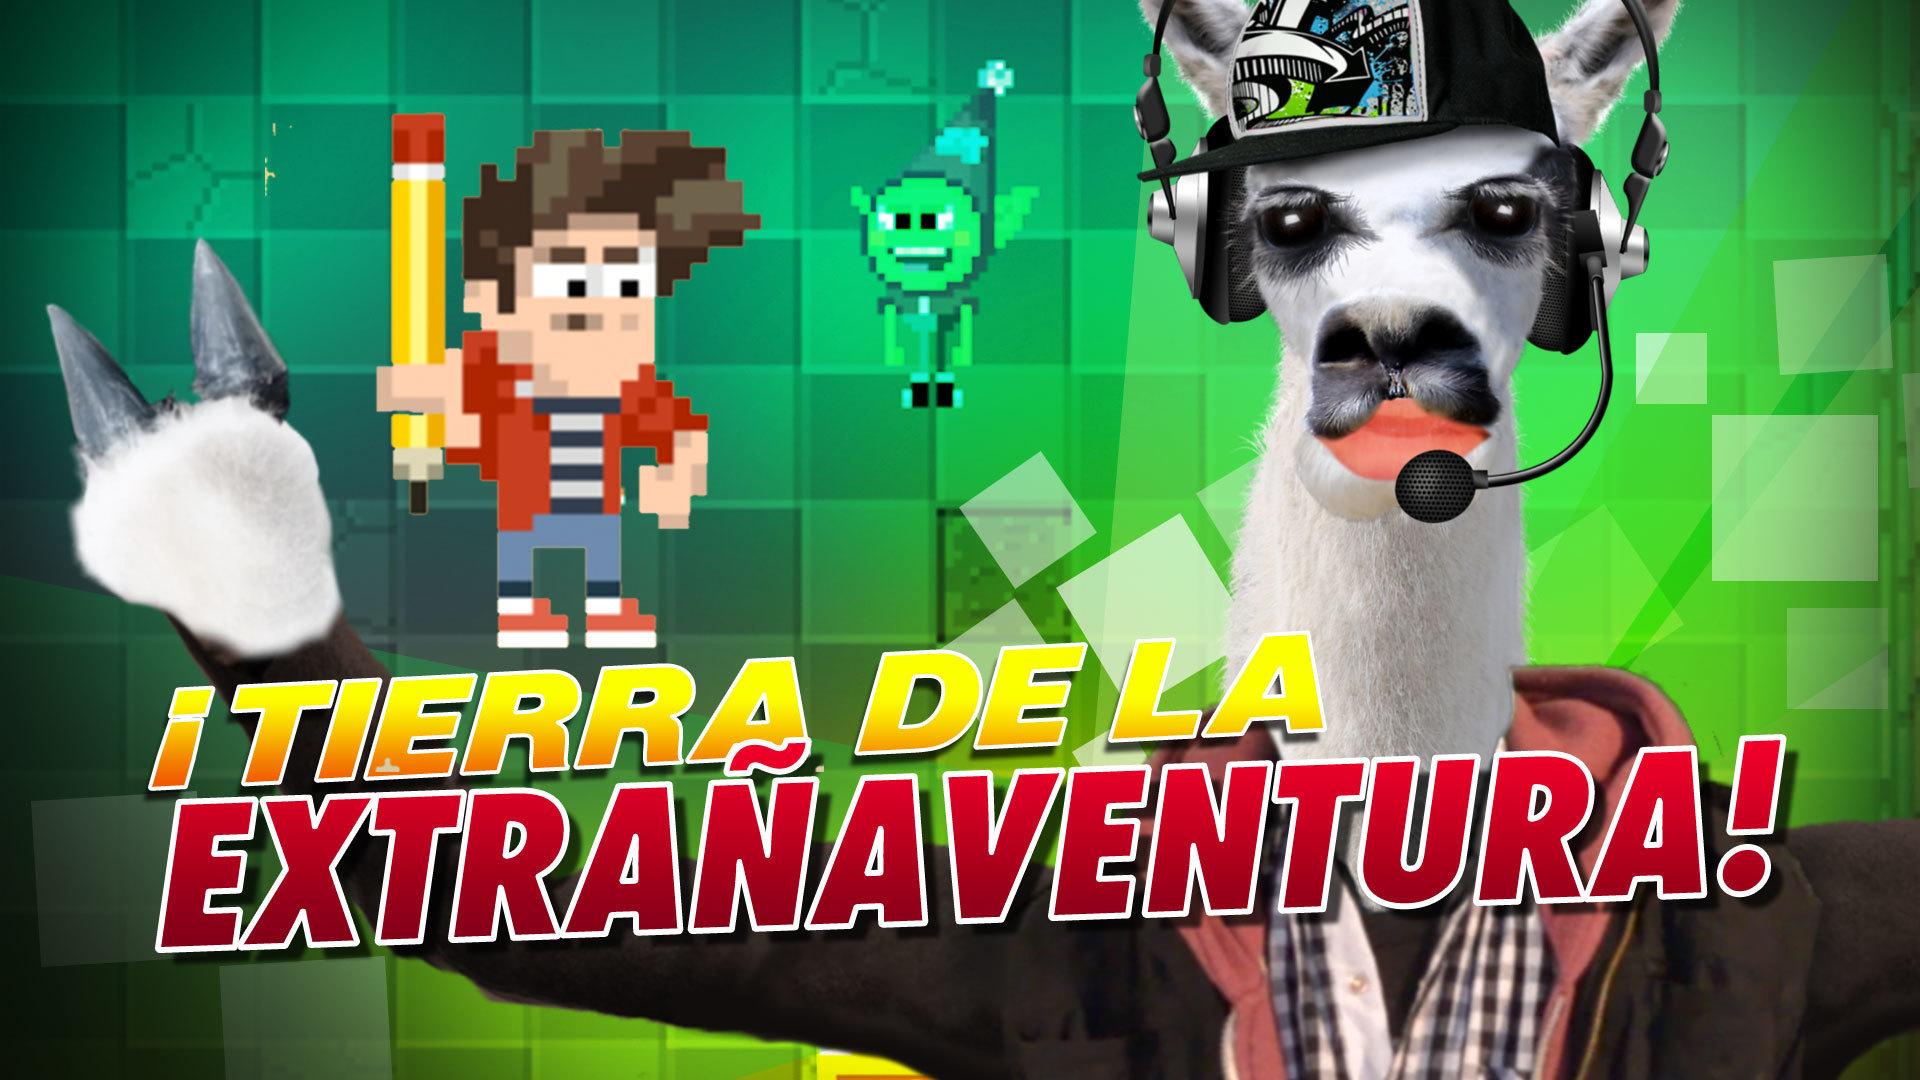 #PlaySteve - ¡Tierra de la extrañaventura!